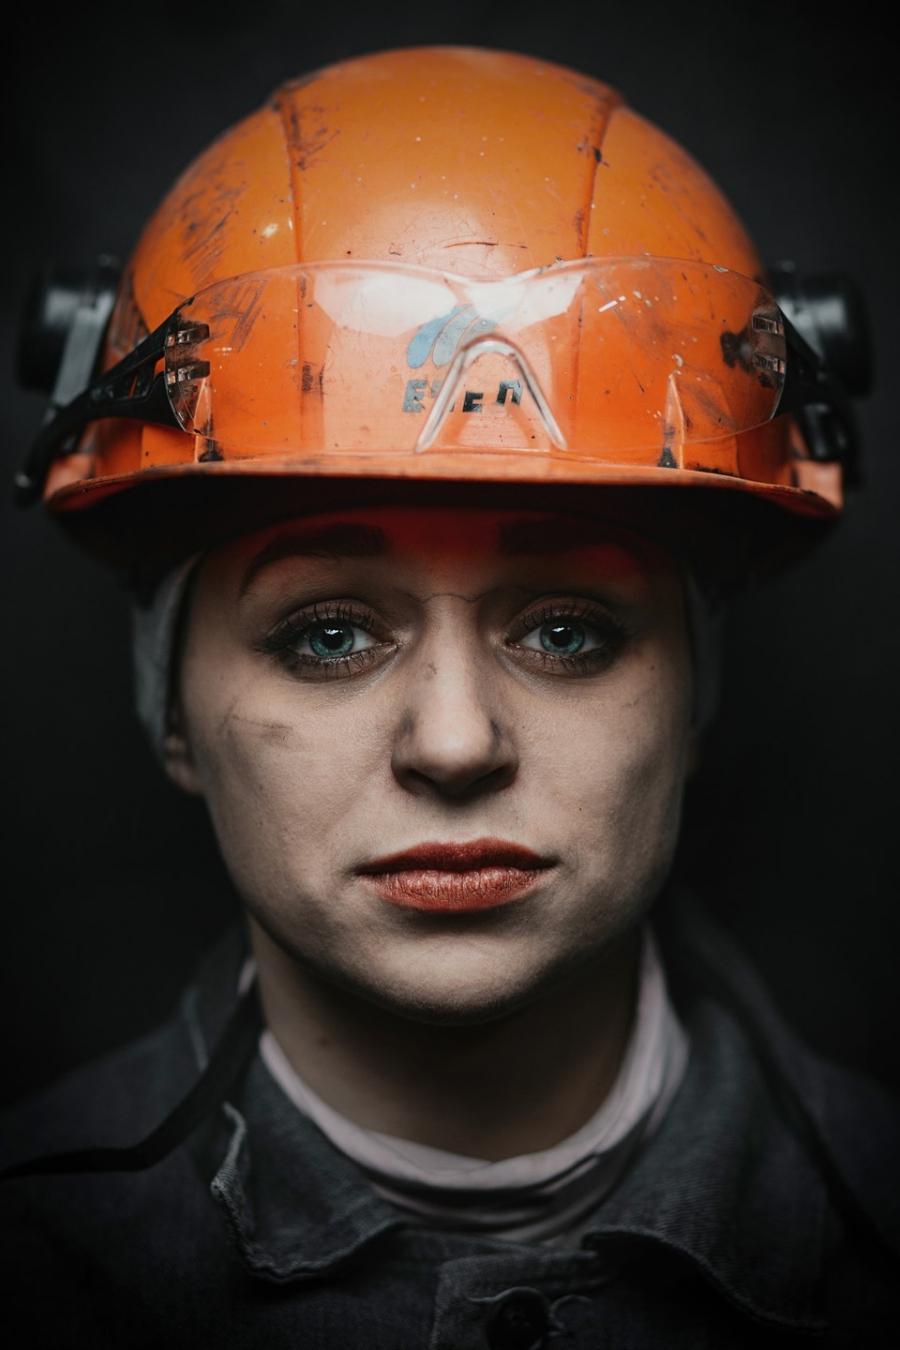 Роман Шаленкин, «Рабочая. Угольный завод», Россия